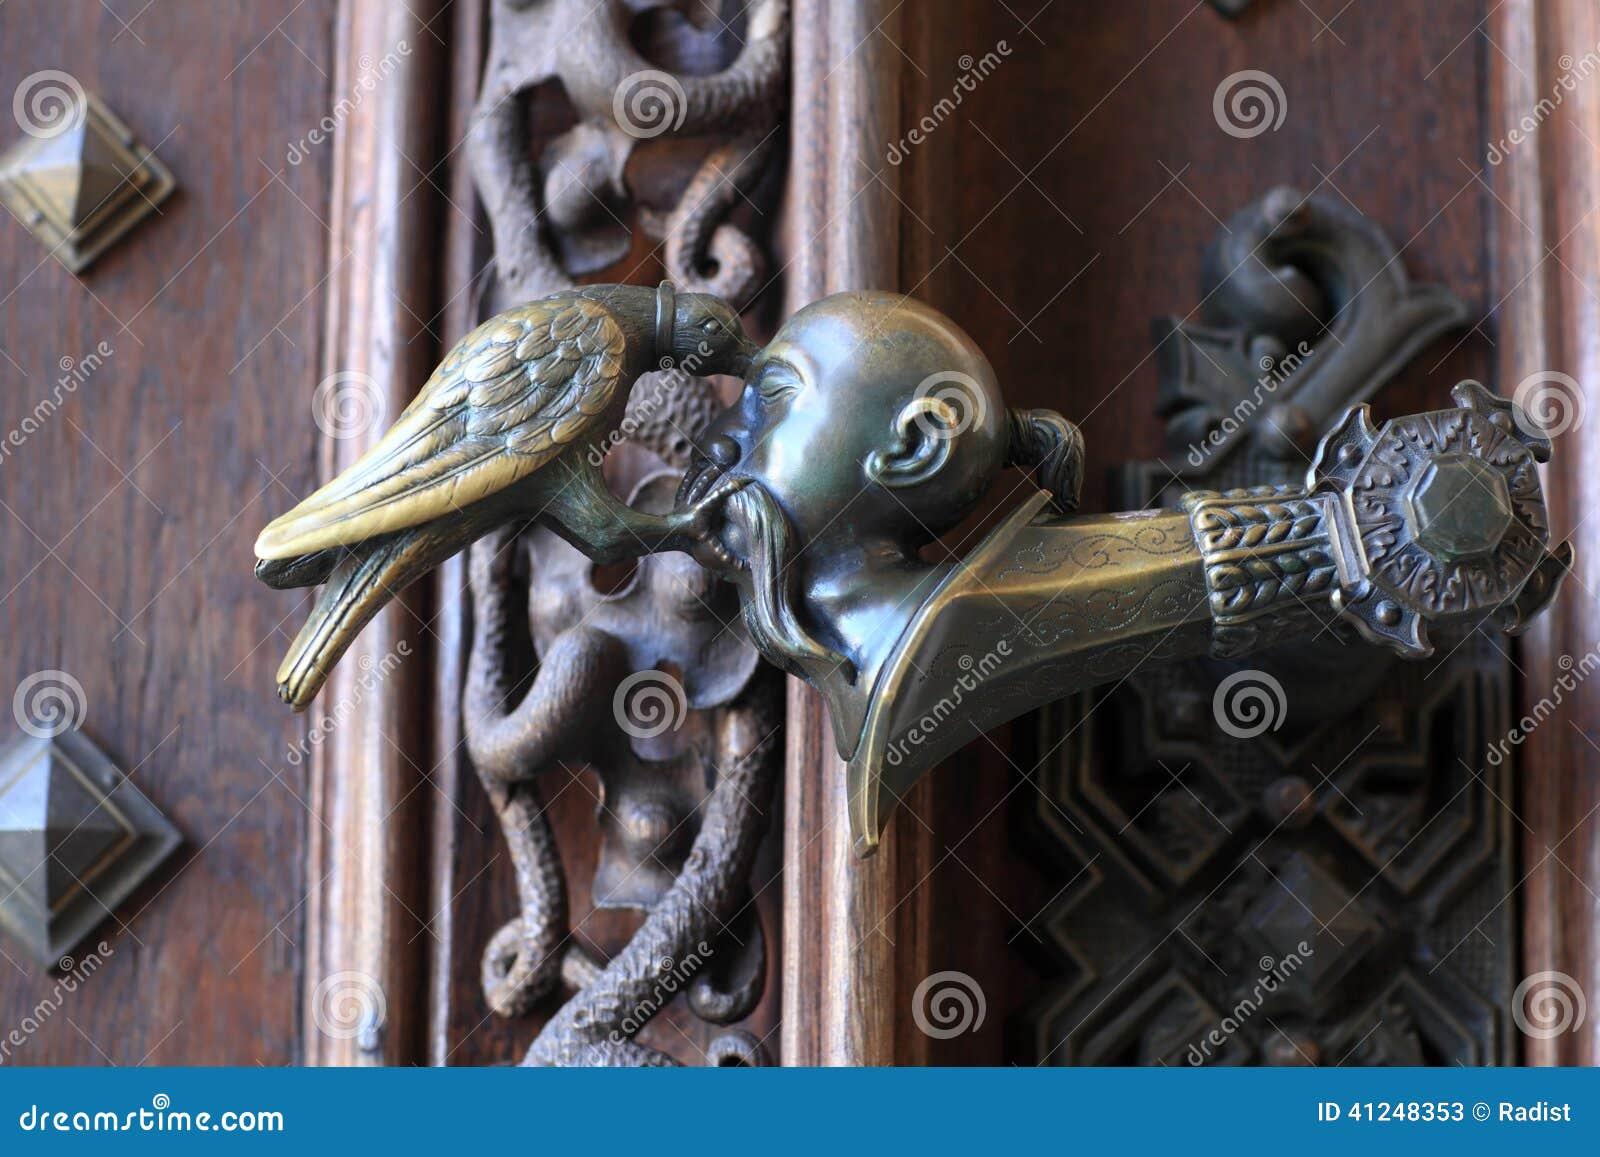 Door Handle Killing Man Palace Raven . & Raven Door \u0026 \